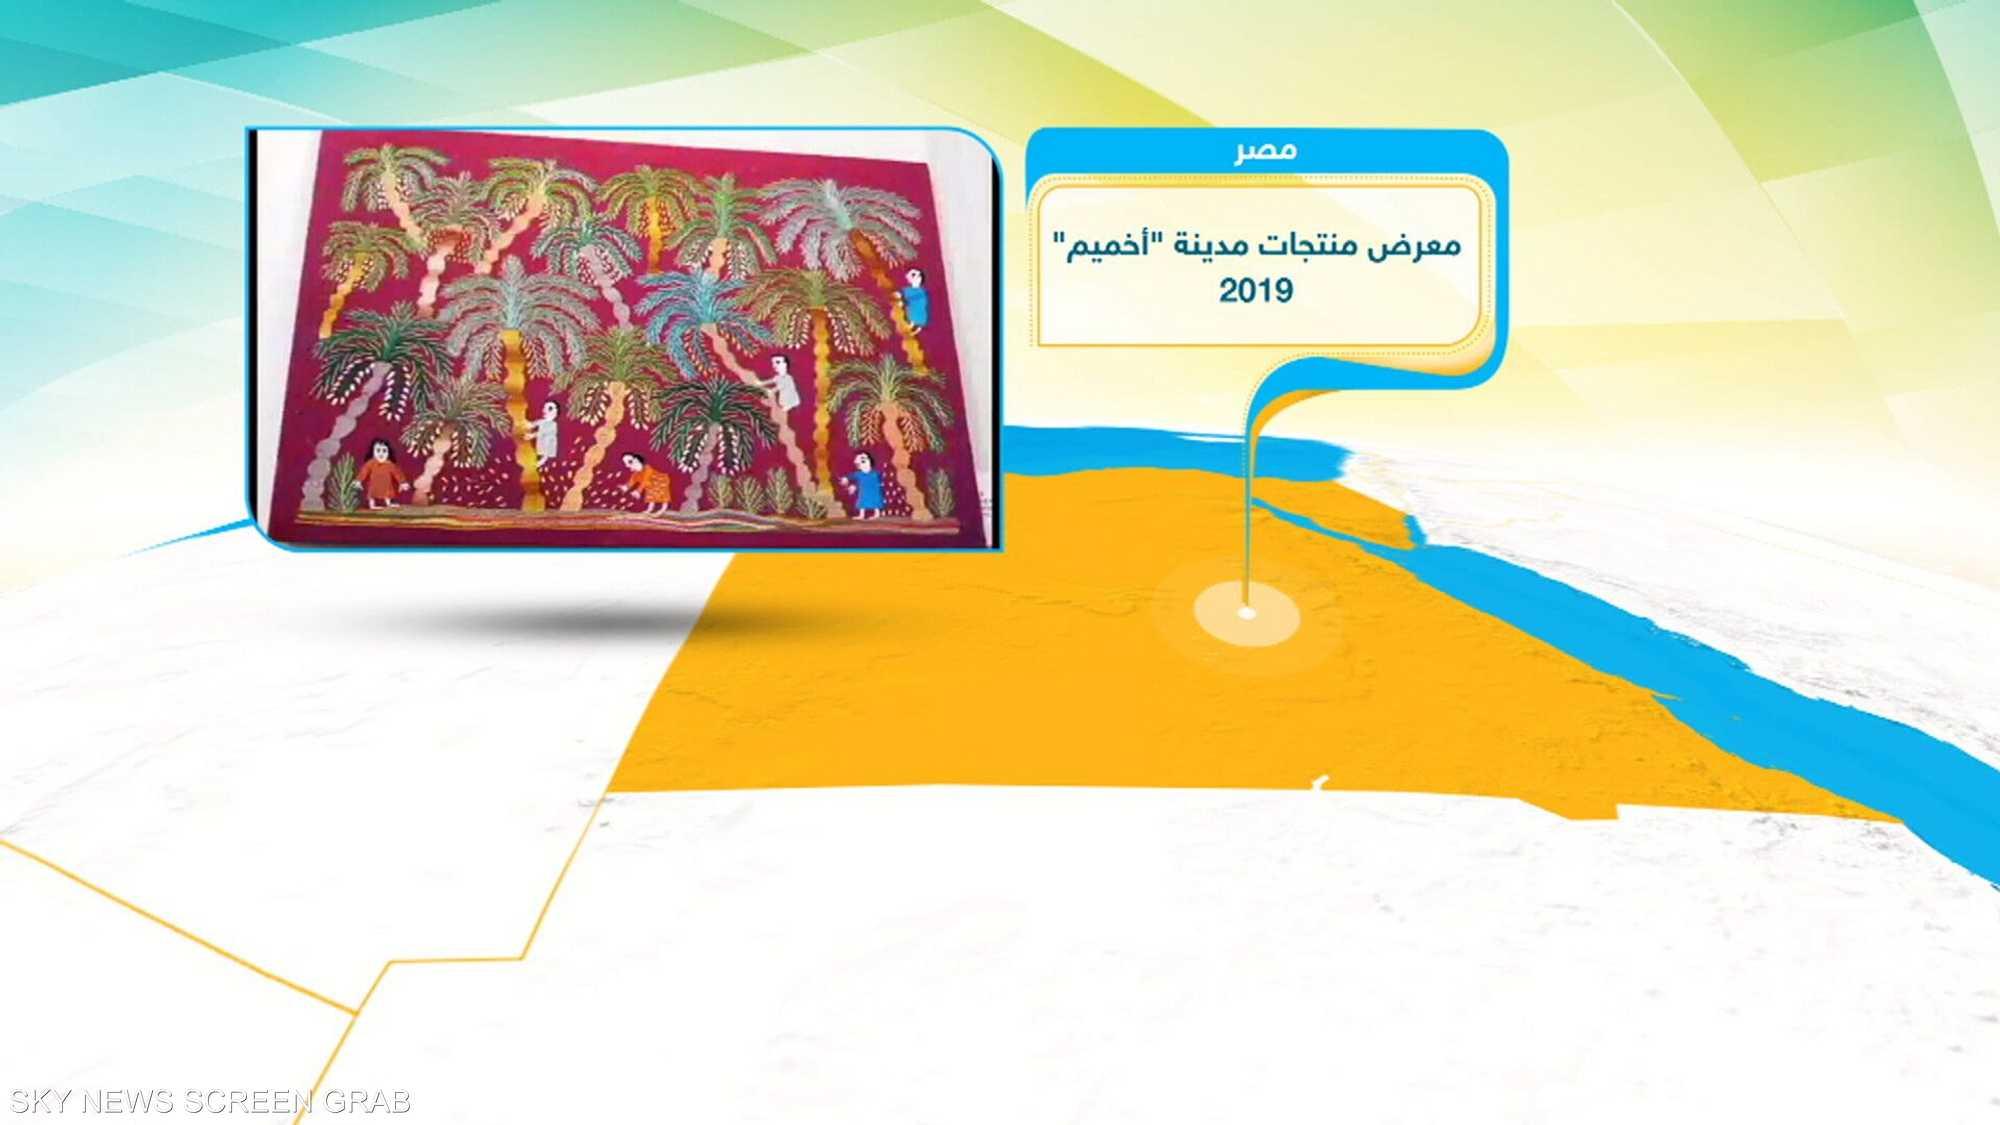 أبرز الأحداث والفعاليات، في مختلف الدول العربية والعالم.